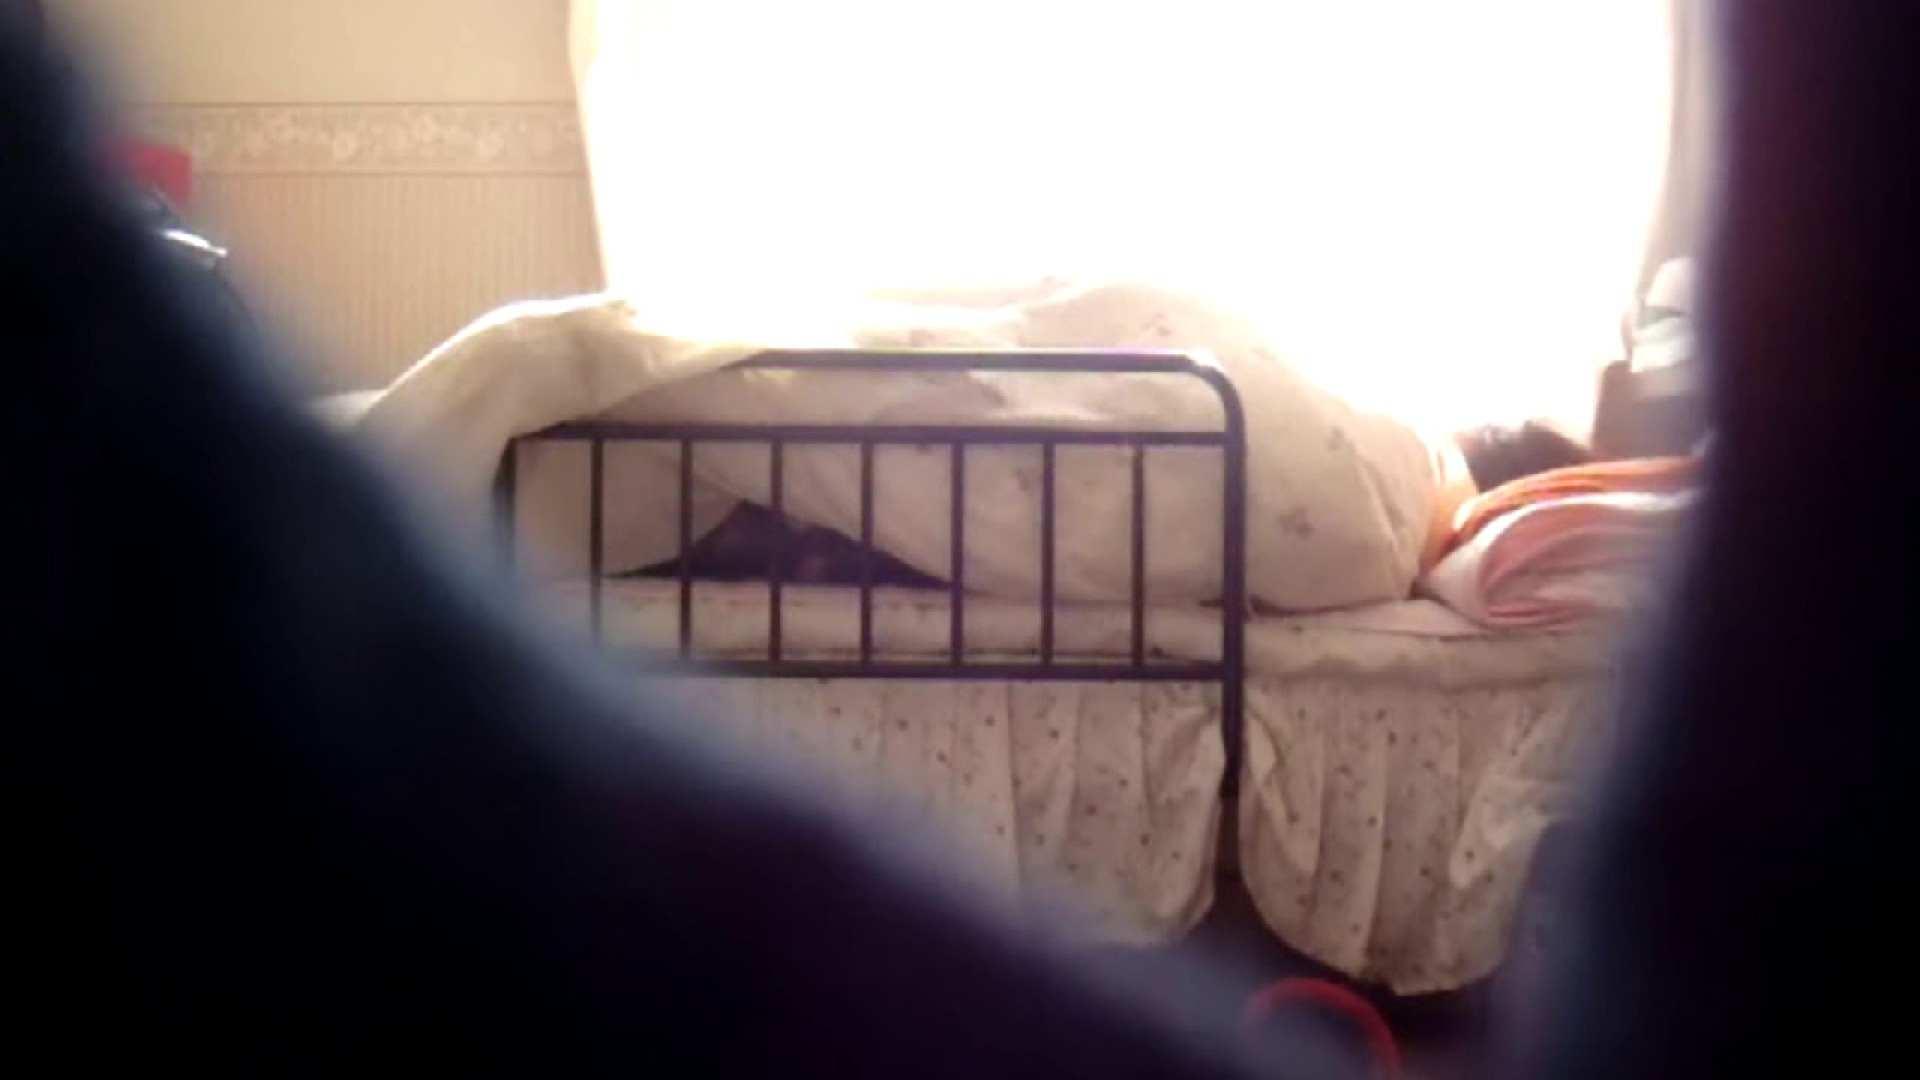 vol.4 まどかの帰宅後の部屋、ベッドで何かが始まります。 ギャル攻め | オナニーシーン  100画像 97